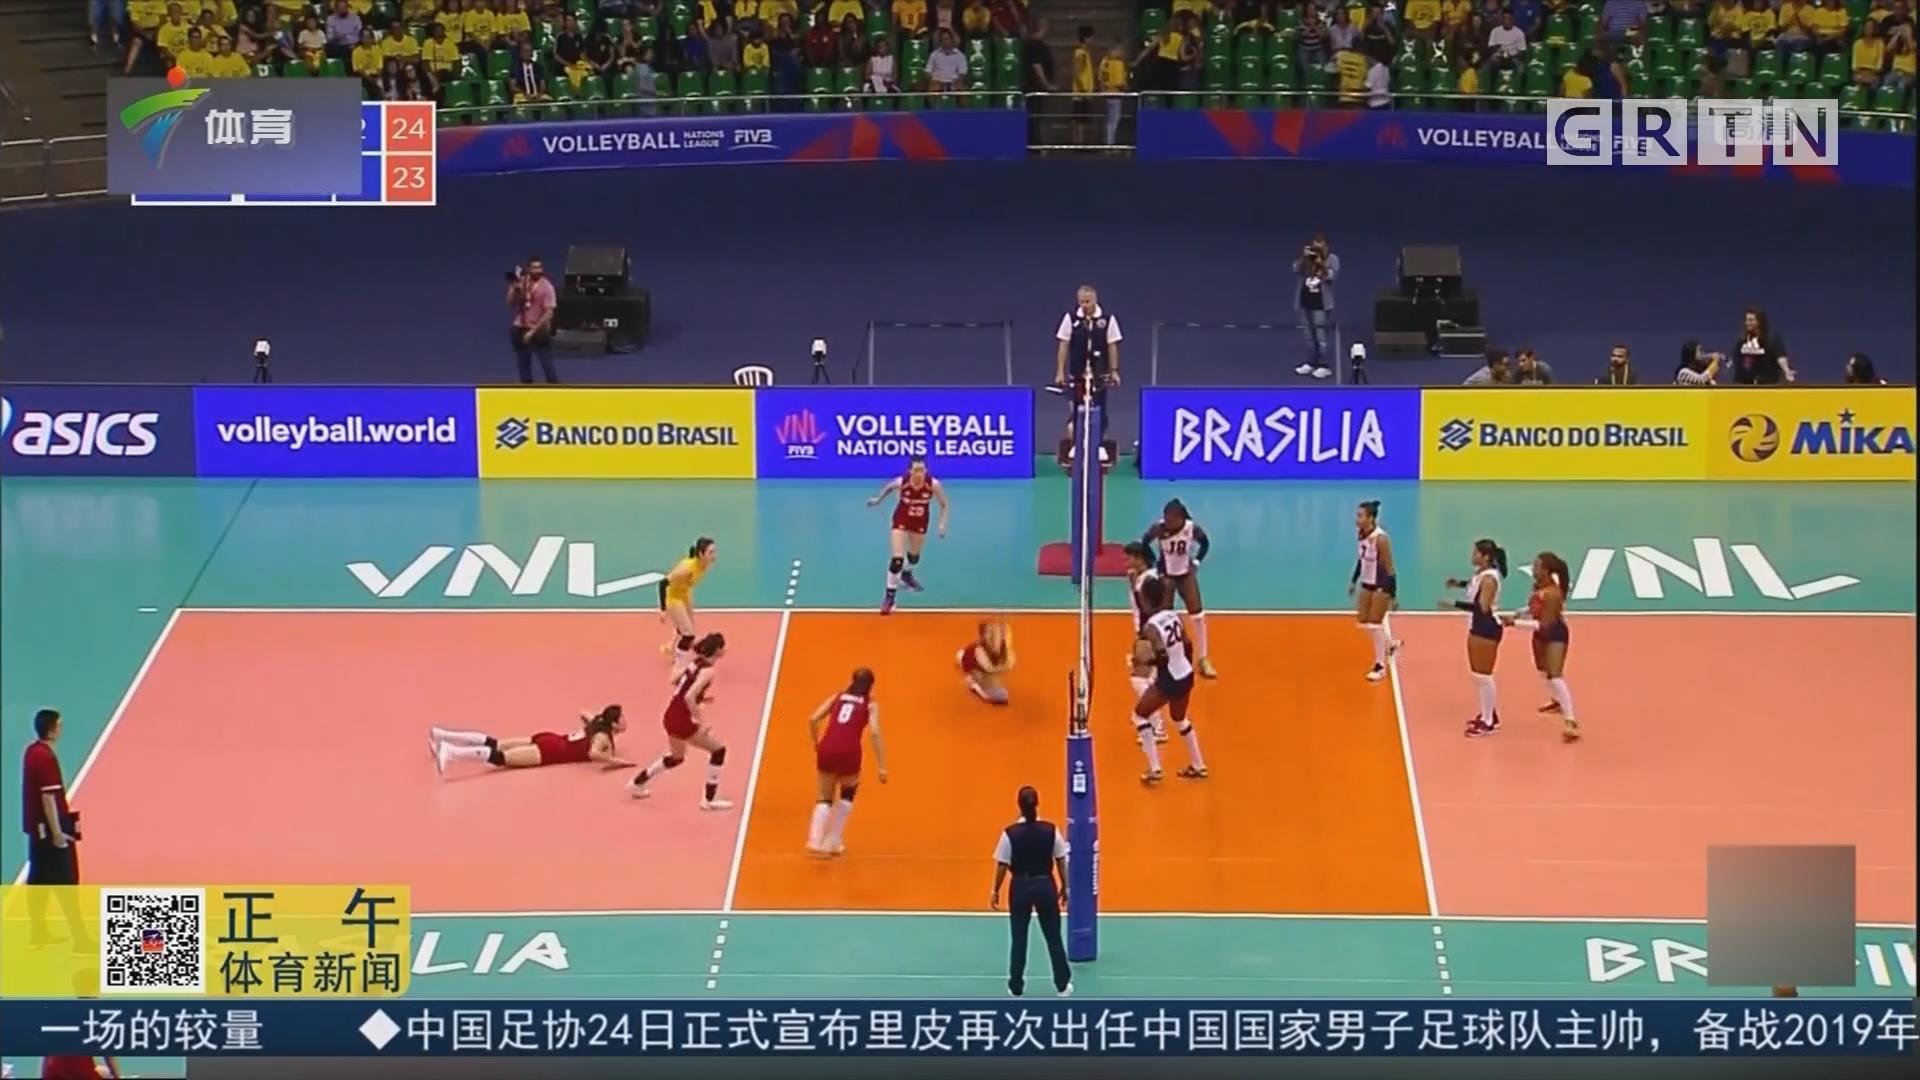 逆转多米尼加 中国女排赢得首胜